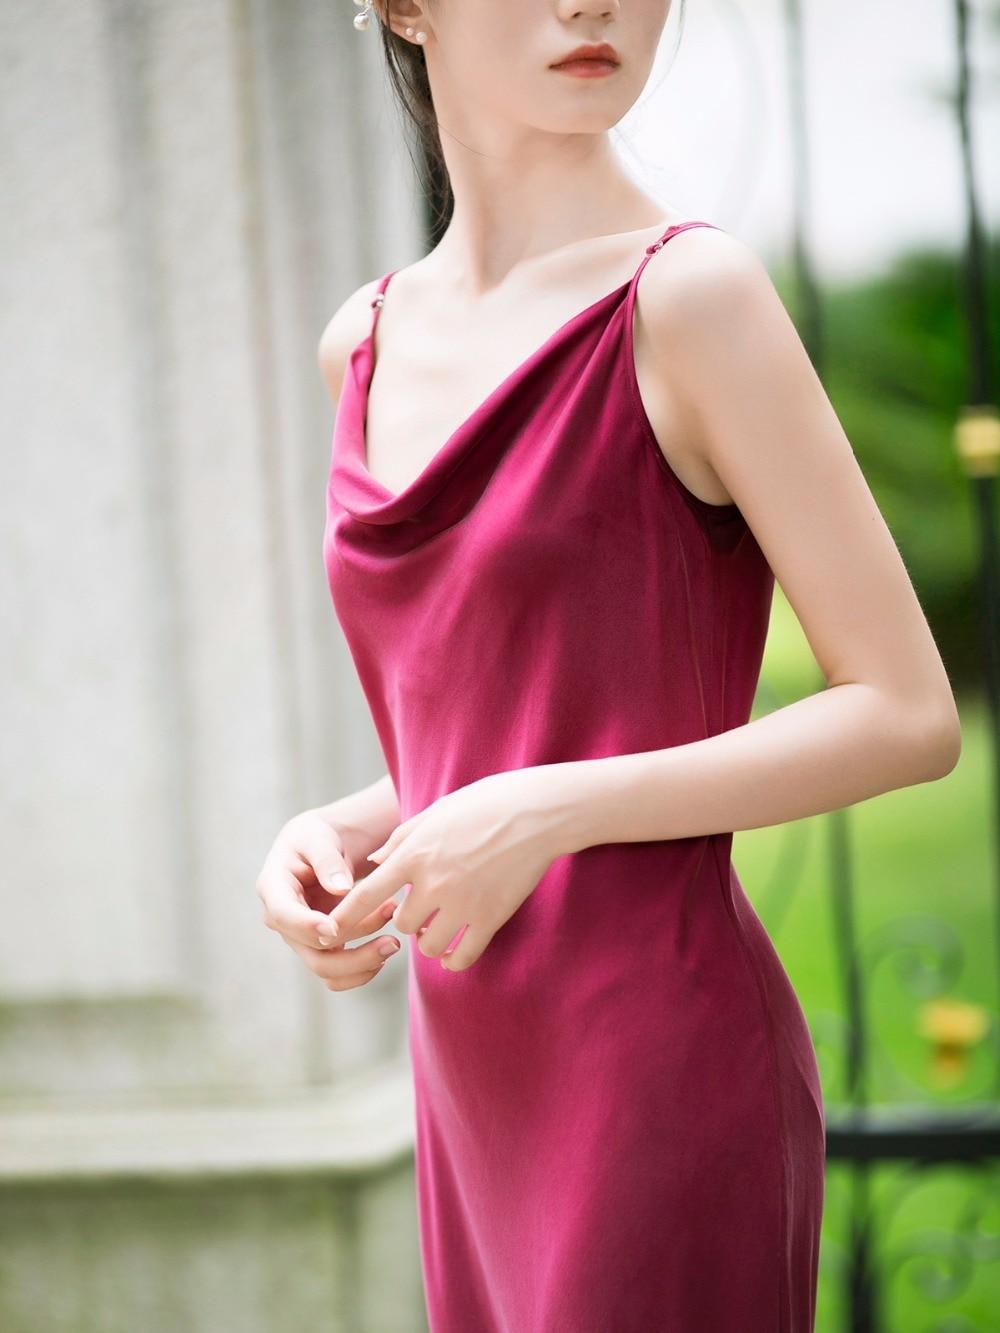 Rouge Chinoiserie Tout D'été Soie De Femmes allumette Originale Lynette's Lâche Robes Conception POw7Oxd